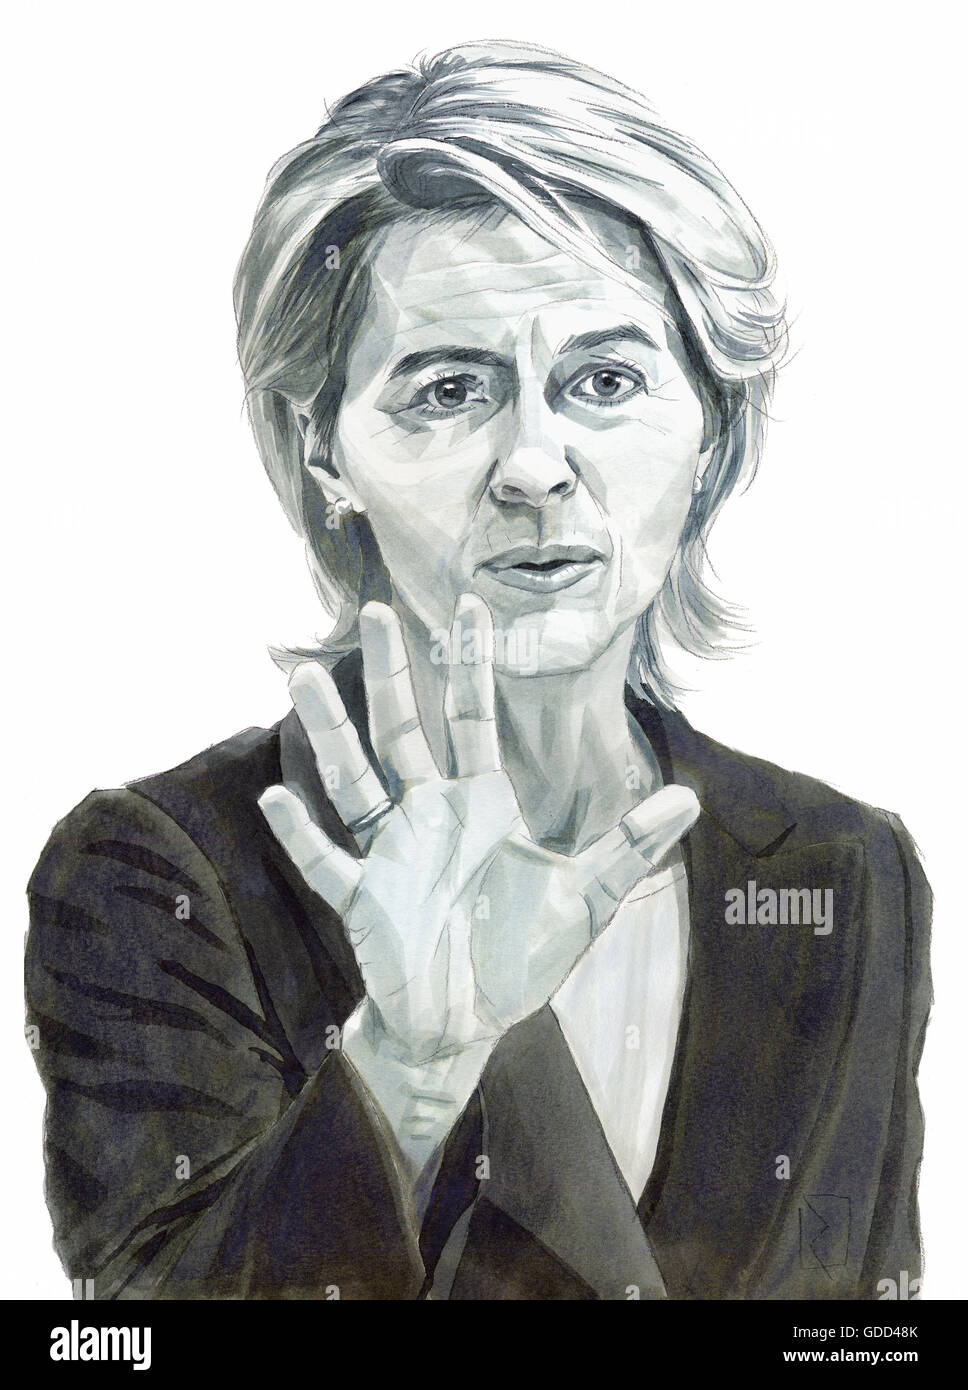 Leyen, Ursula von der Leyen, * 8.10.1958, German politician (CDU), Federal Defence Minister since 2013, portrait, - Stock Image